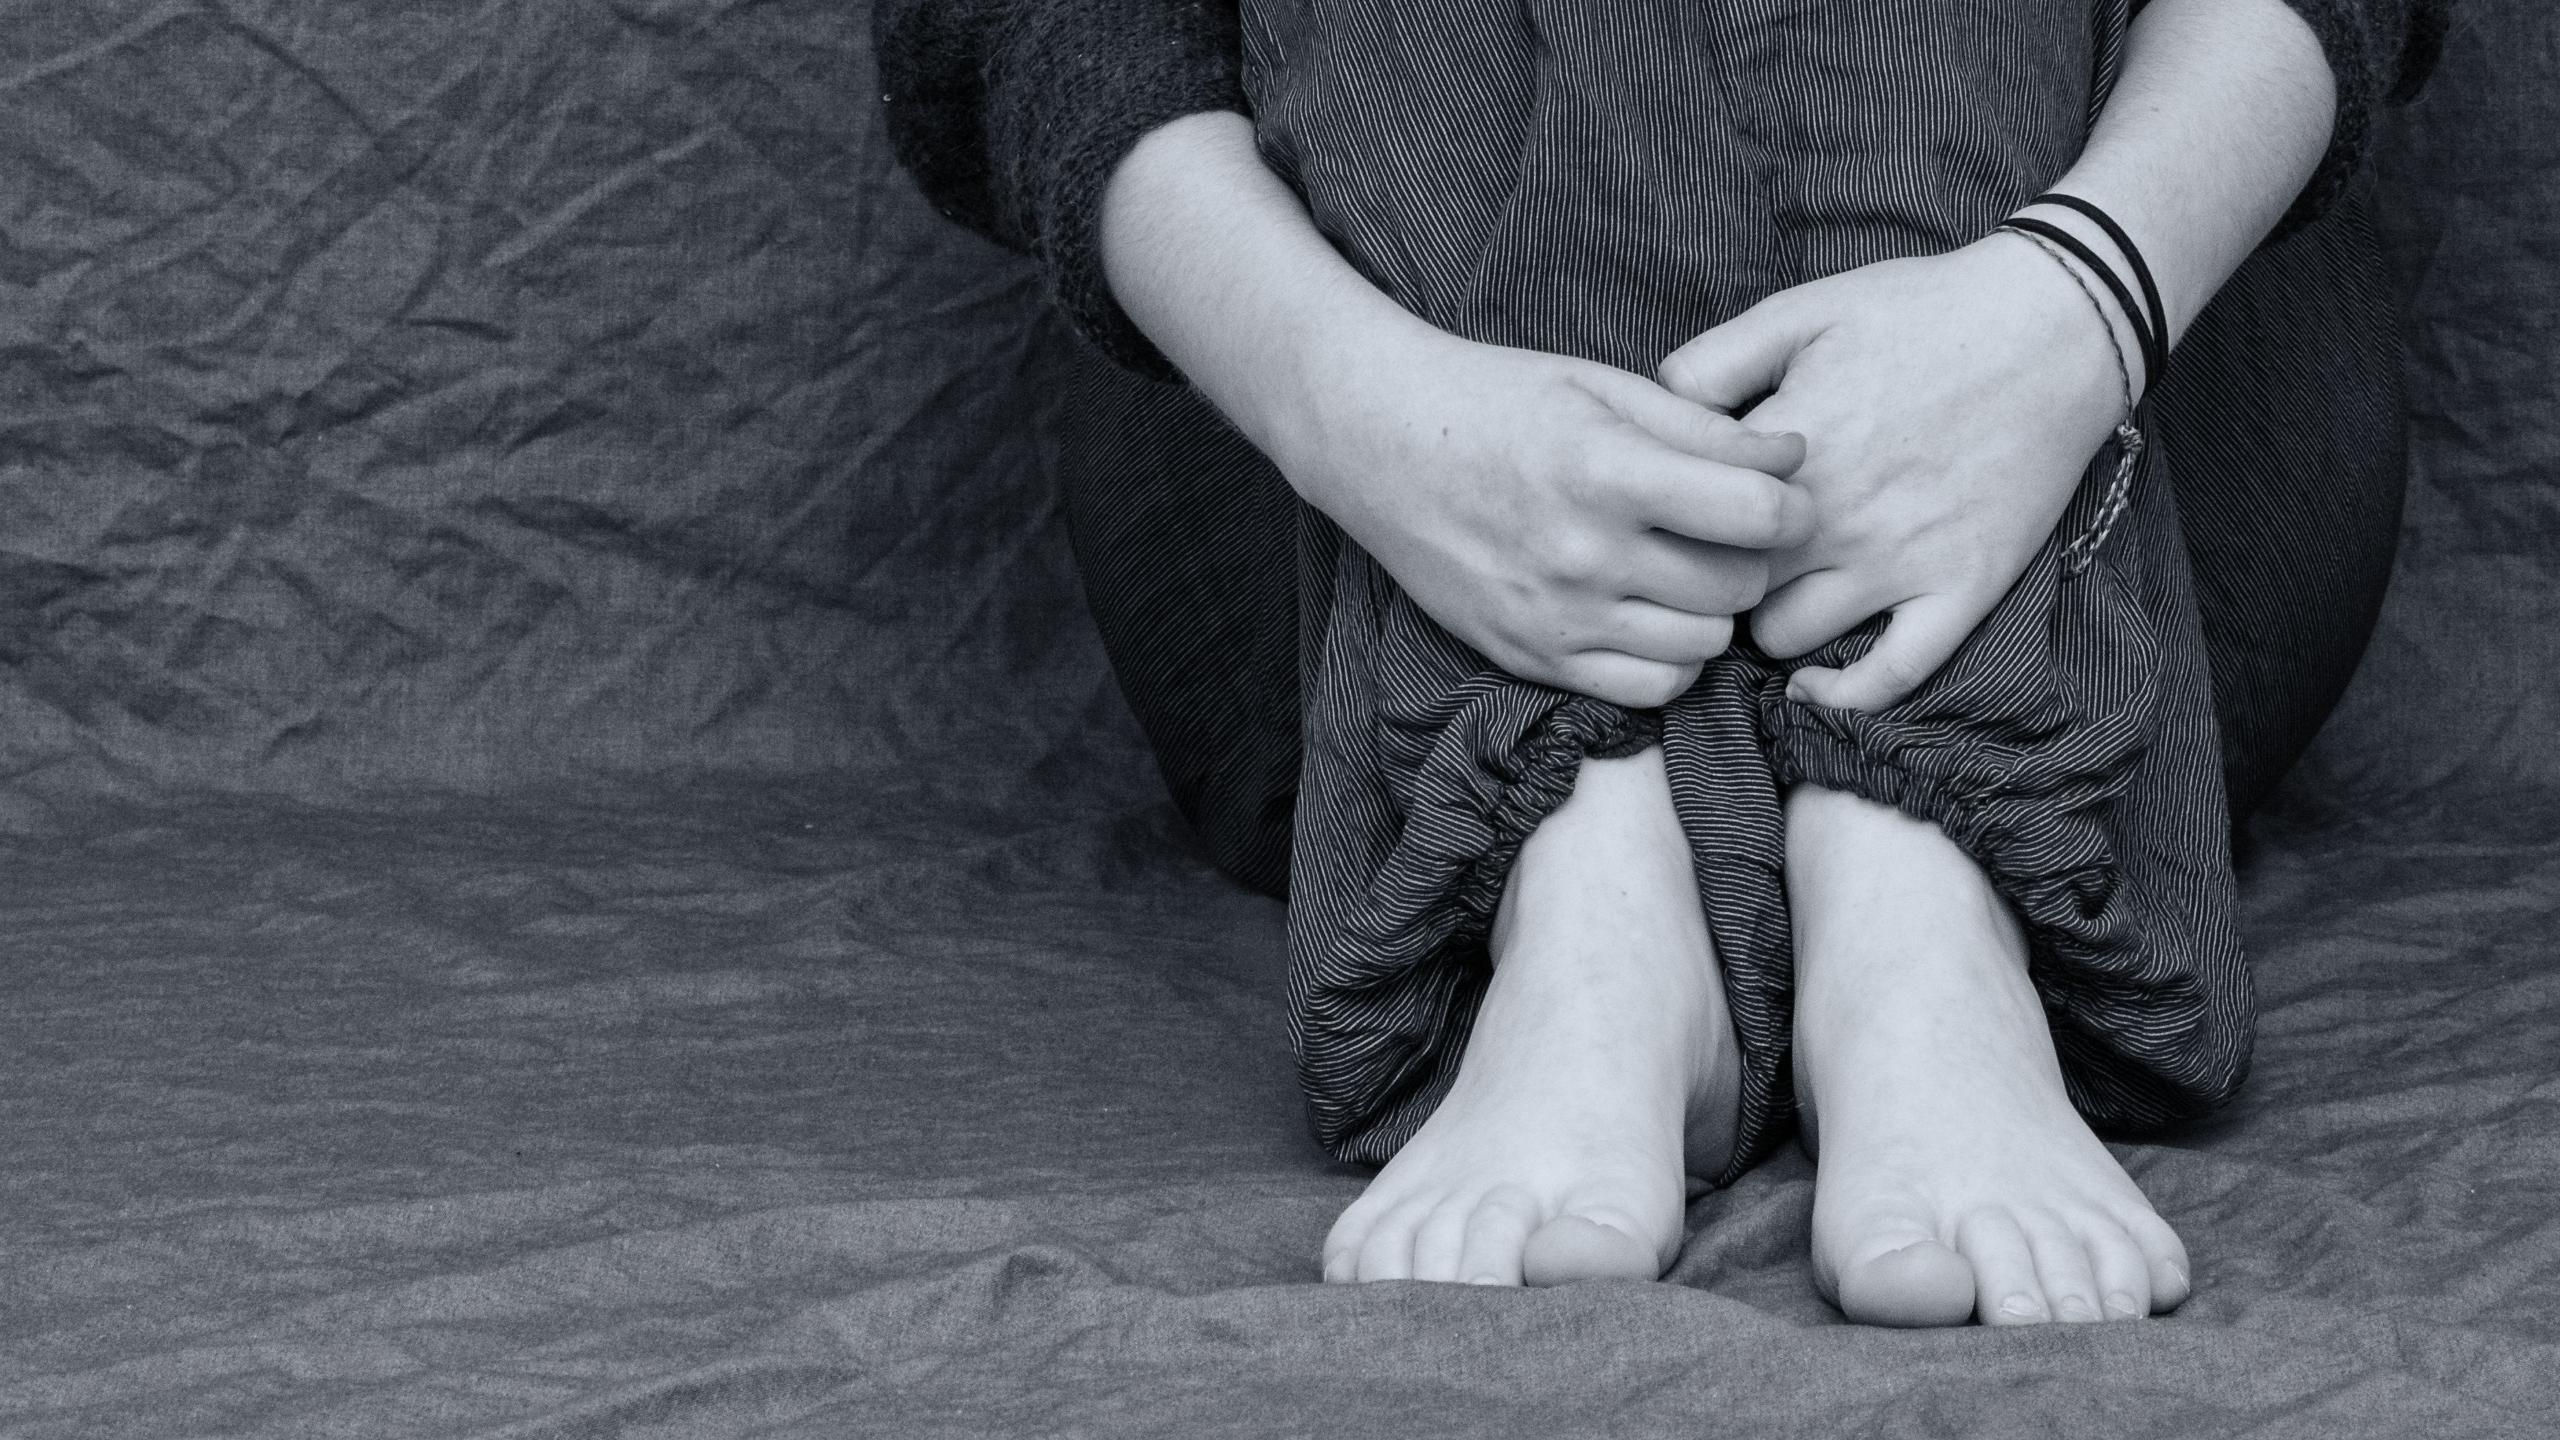 Психологи попытались объяснить склонность готов и эмо к самовредительству